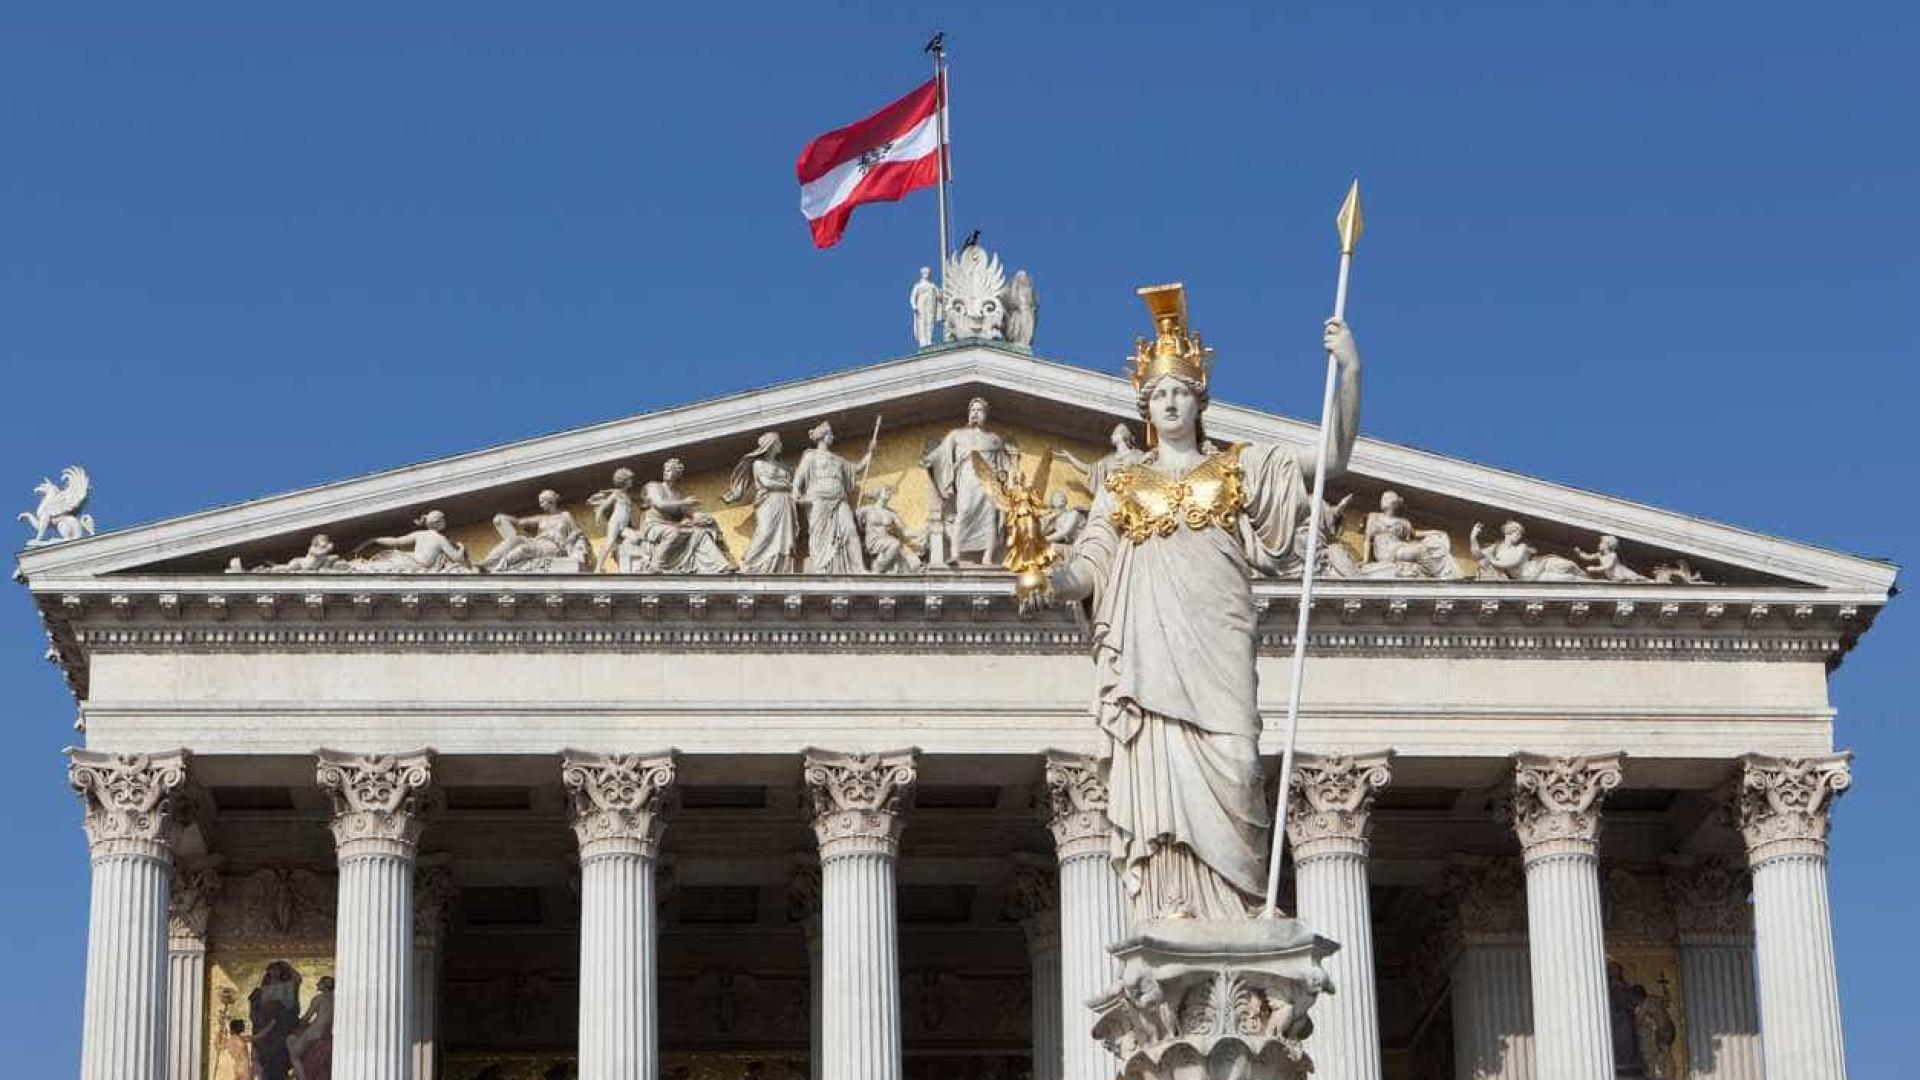 Tribunal austríaco considera admitir terceiro género em registos oficiais